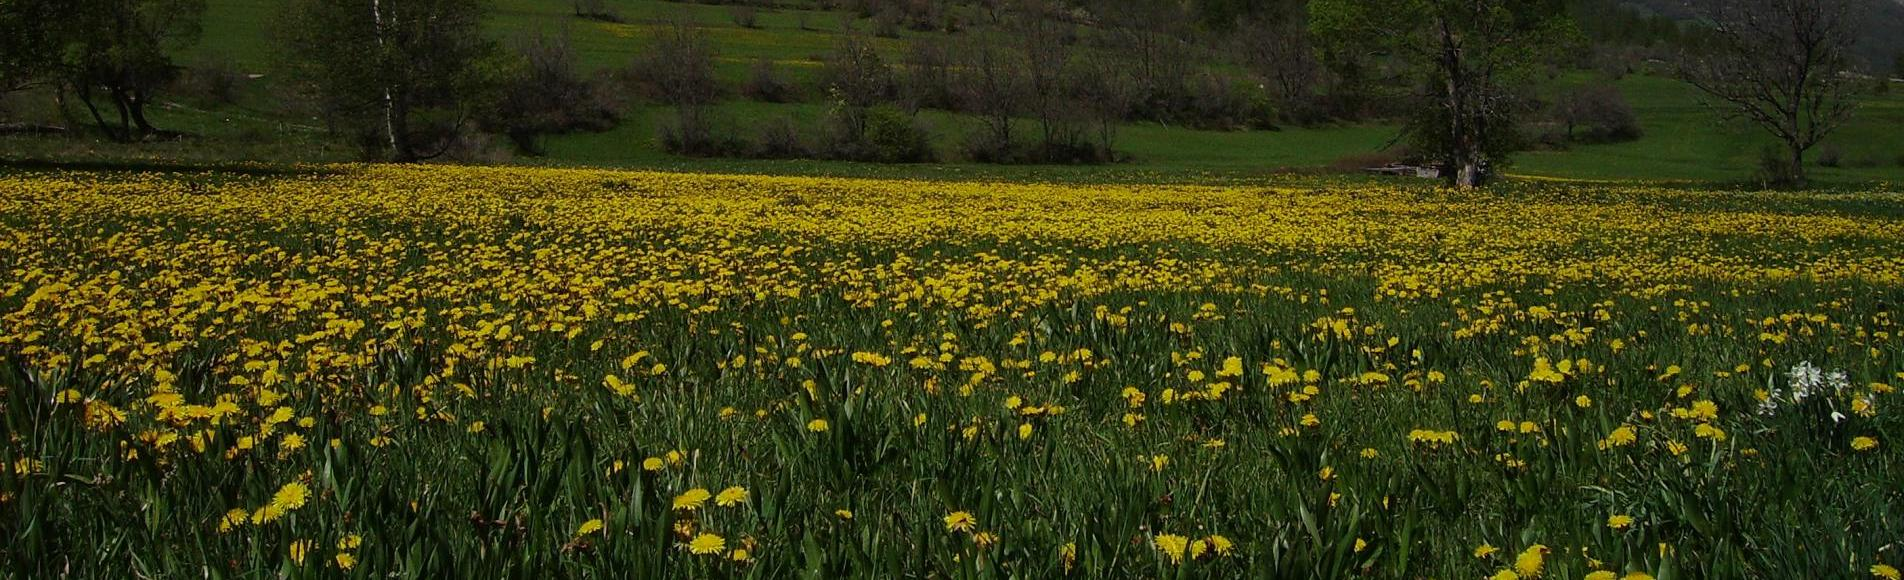 Prairie de fleurs jaunes © B.Nicollet - Parc national des Ecrins